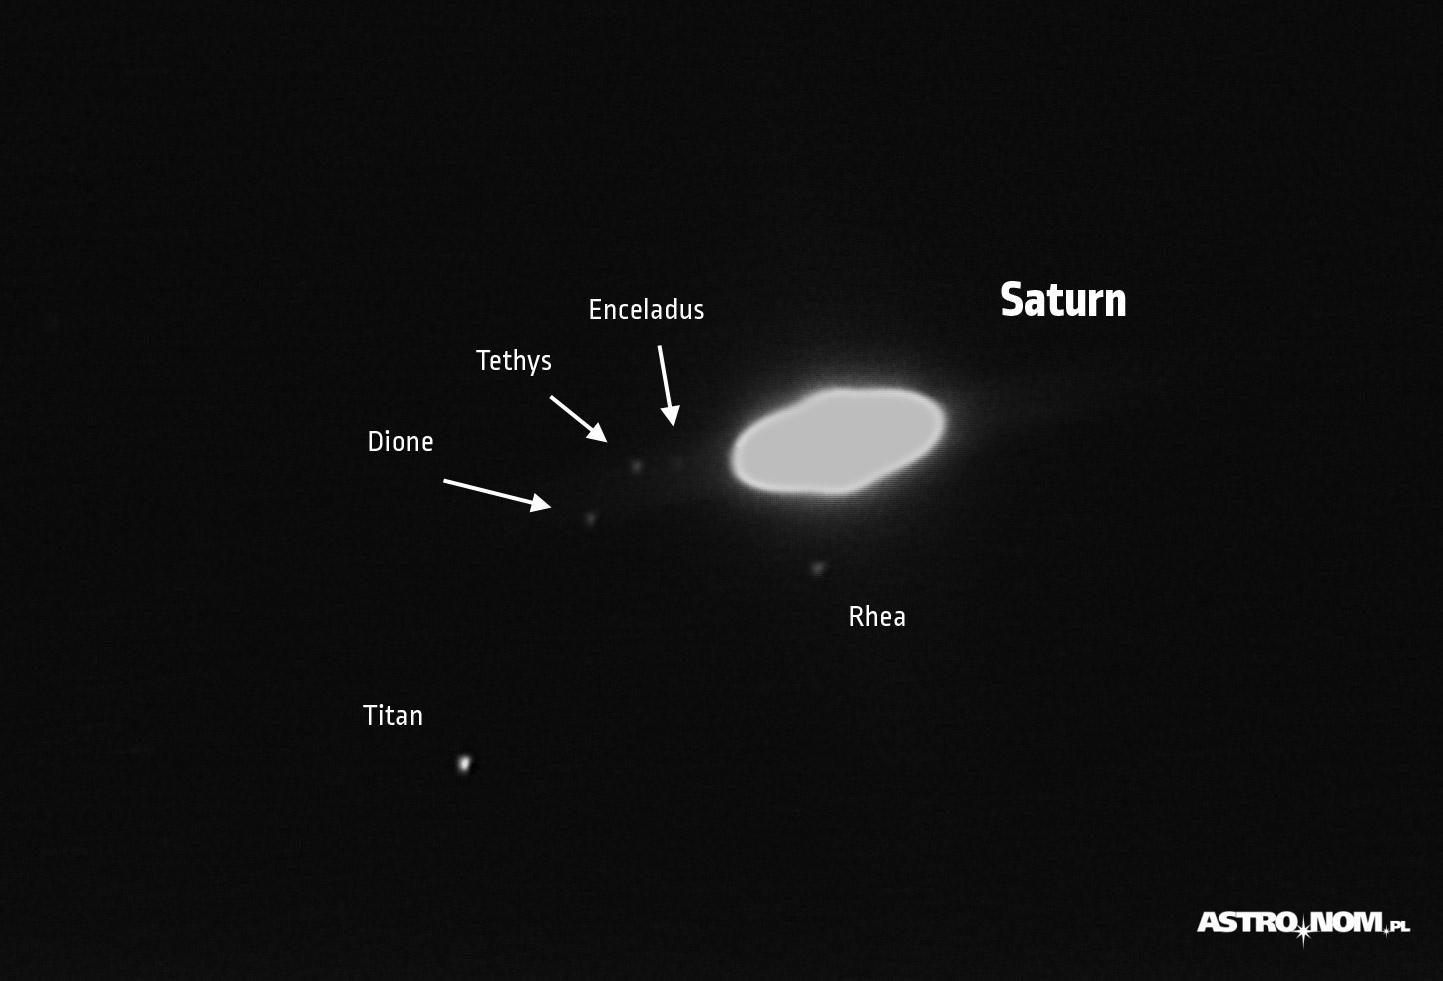 saturn-2021-8-10-002.jpg.3d3ee3b7f9537e366ccb4bb06c5abe5a.jpg